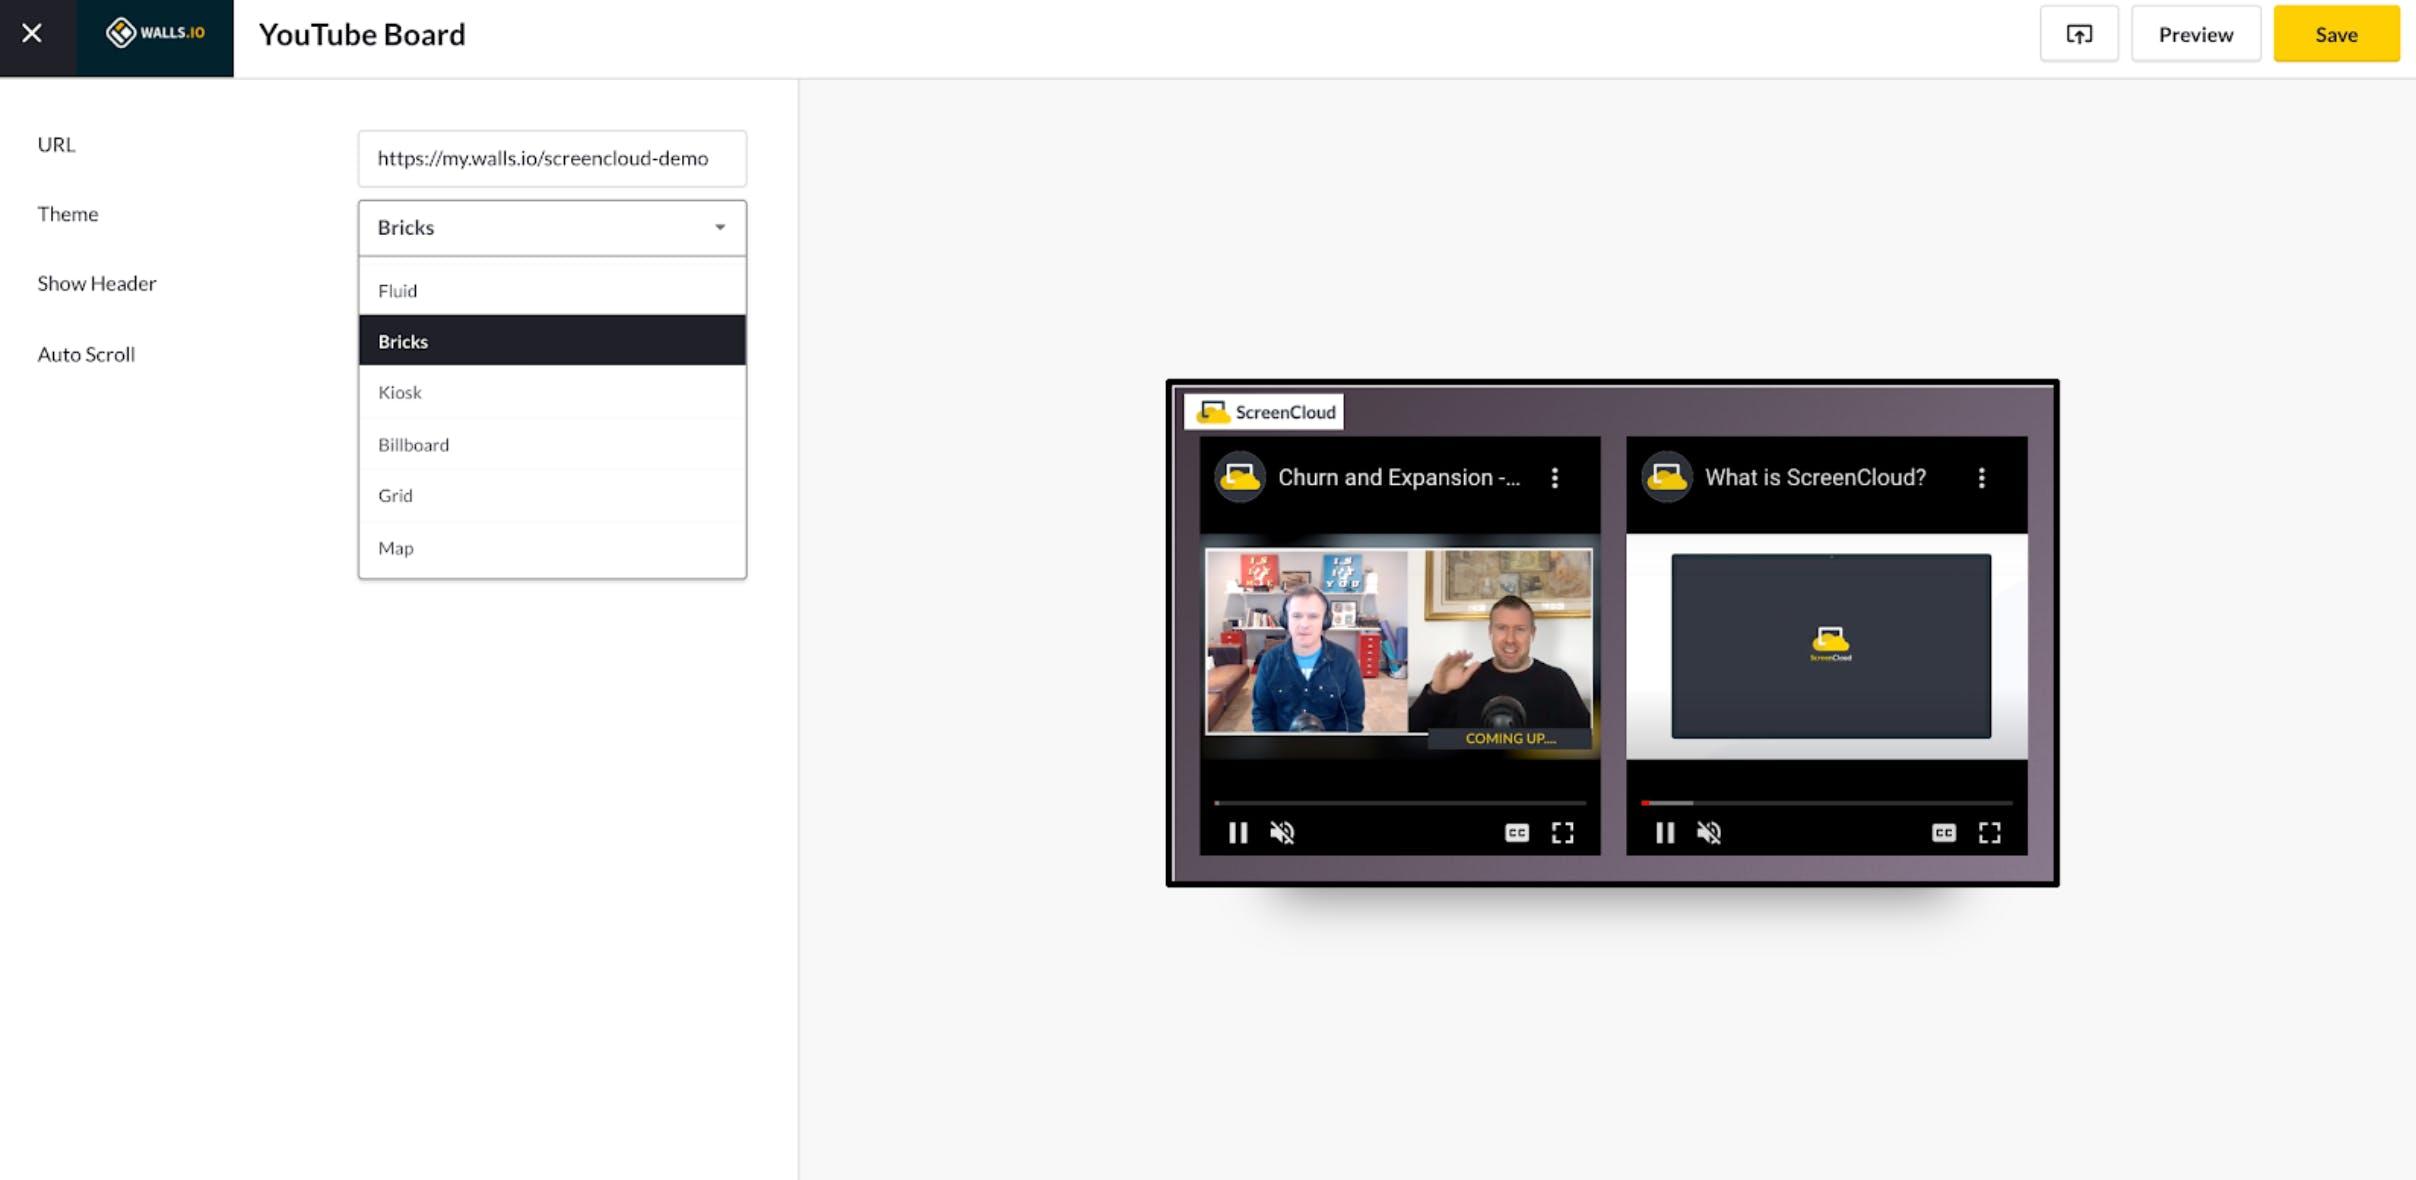 ScreenCloud Walls.io App Guide - Settings 1.21.2021.png